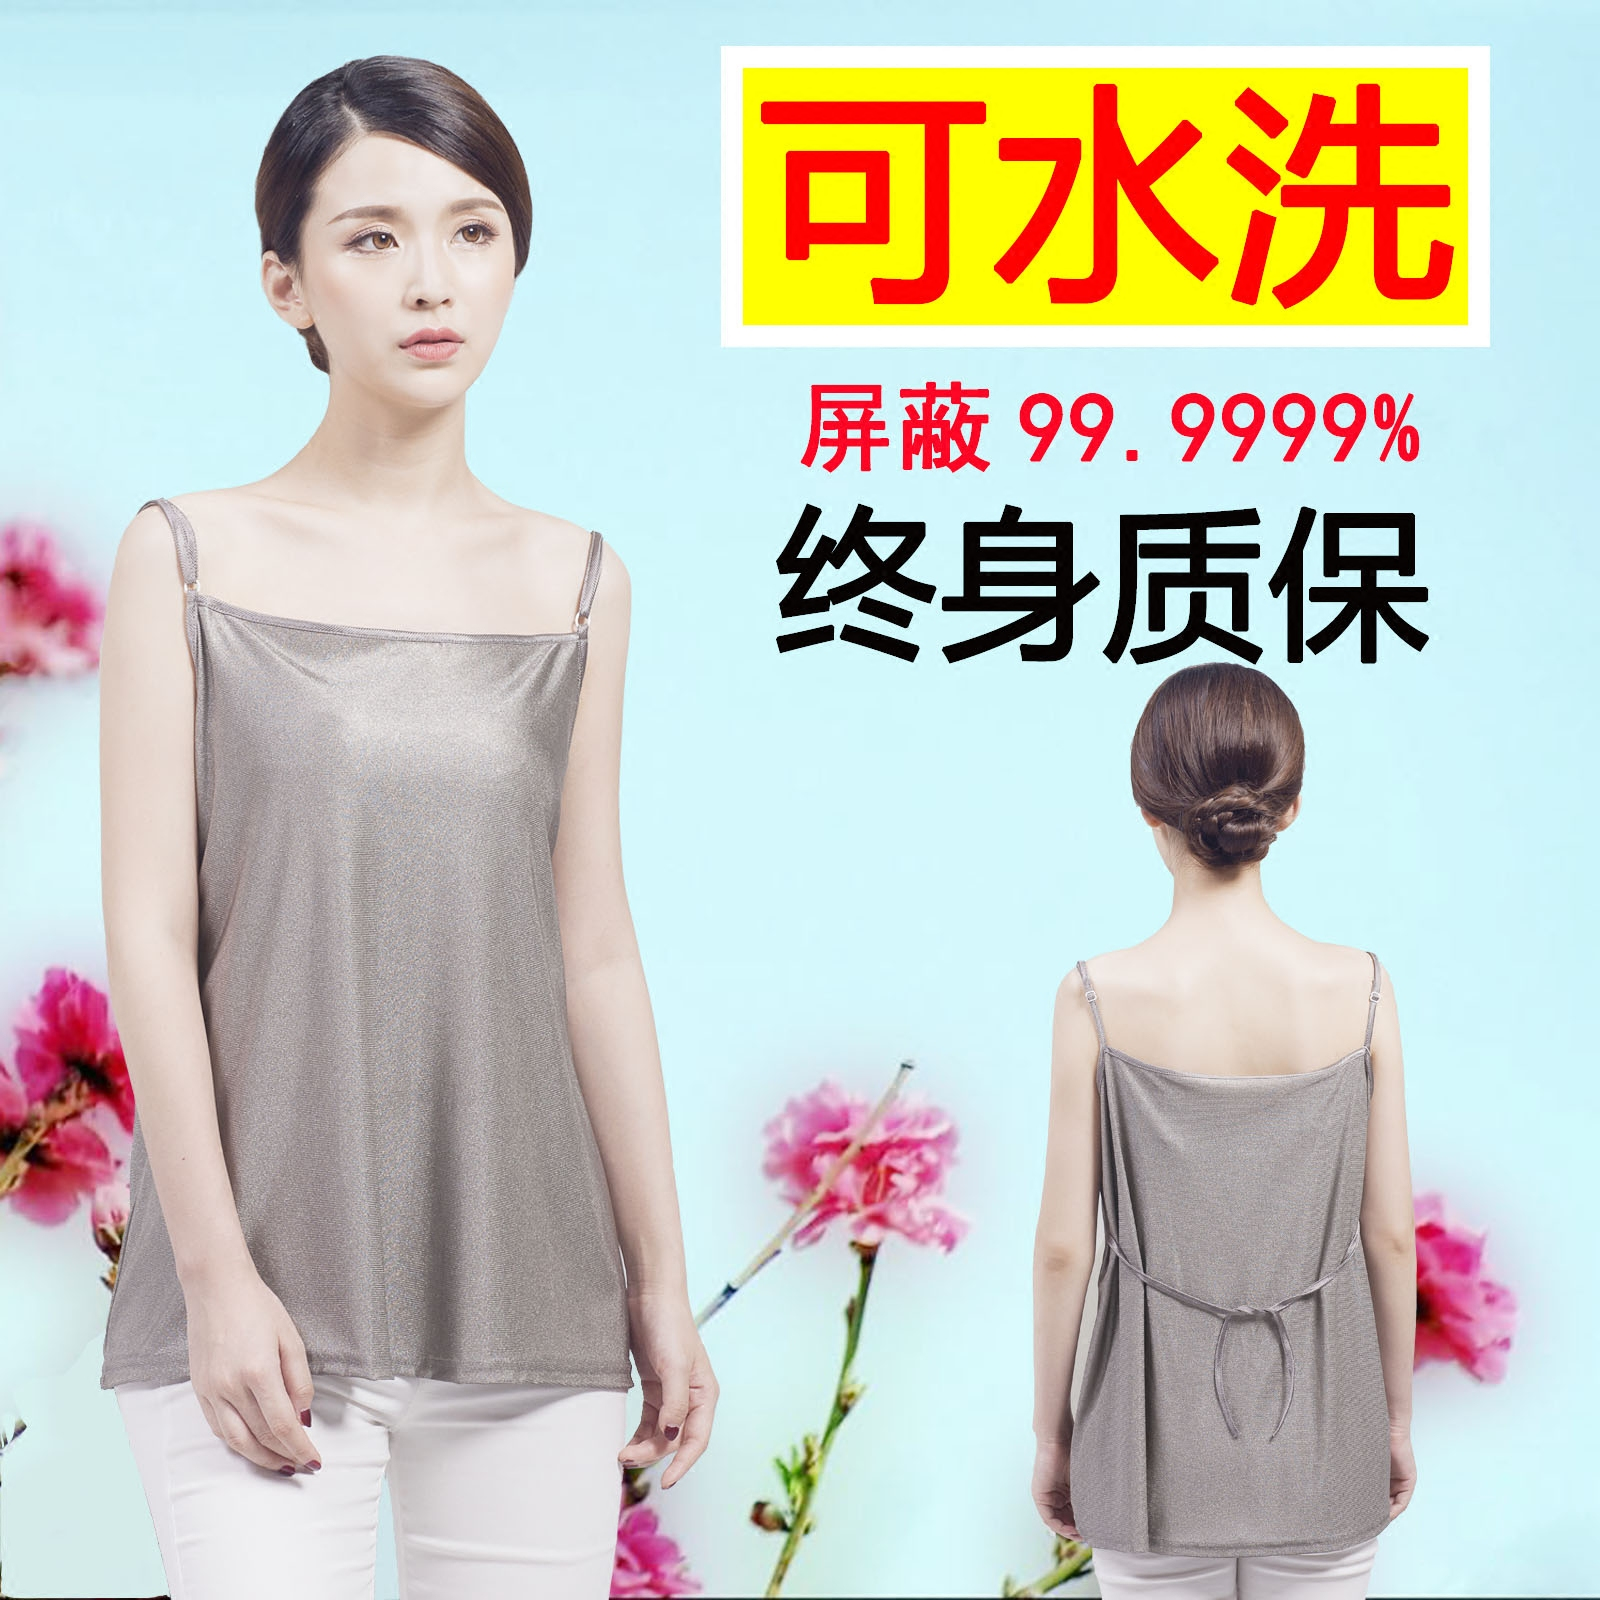 【 каждый день специальное предложение 】 радиационной защиты одежда беременная женщина подлинные беременная женщина компьютер радиационной защиты одежда строп ношение